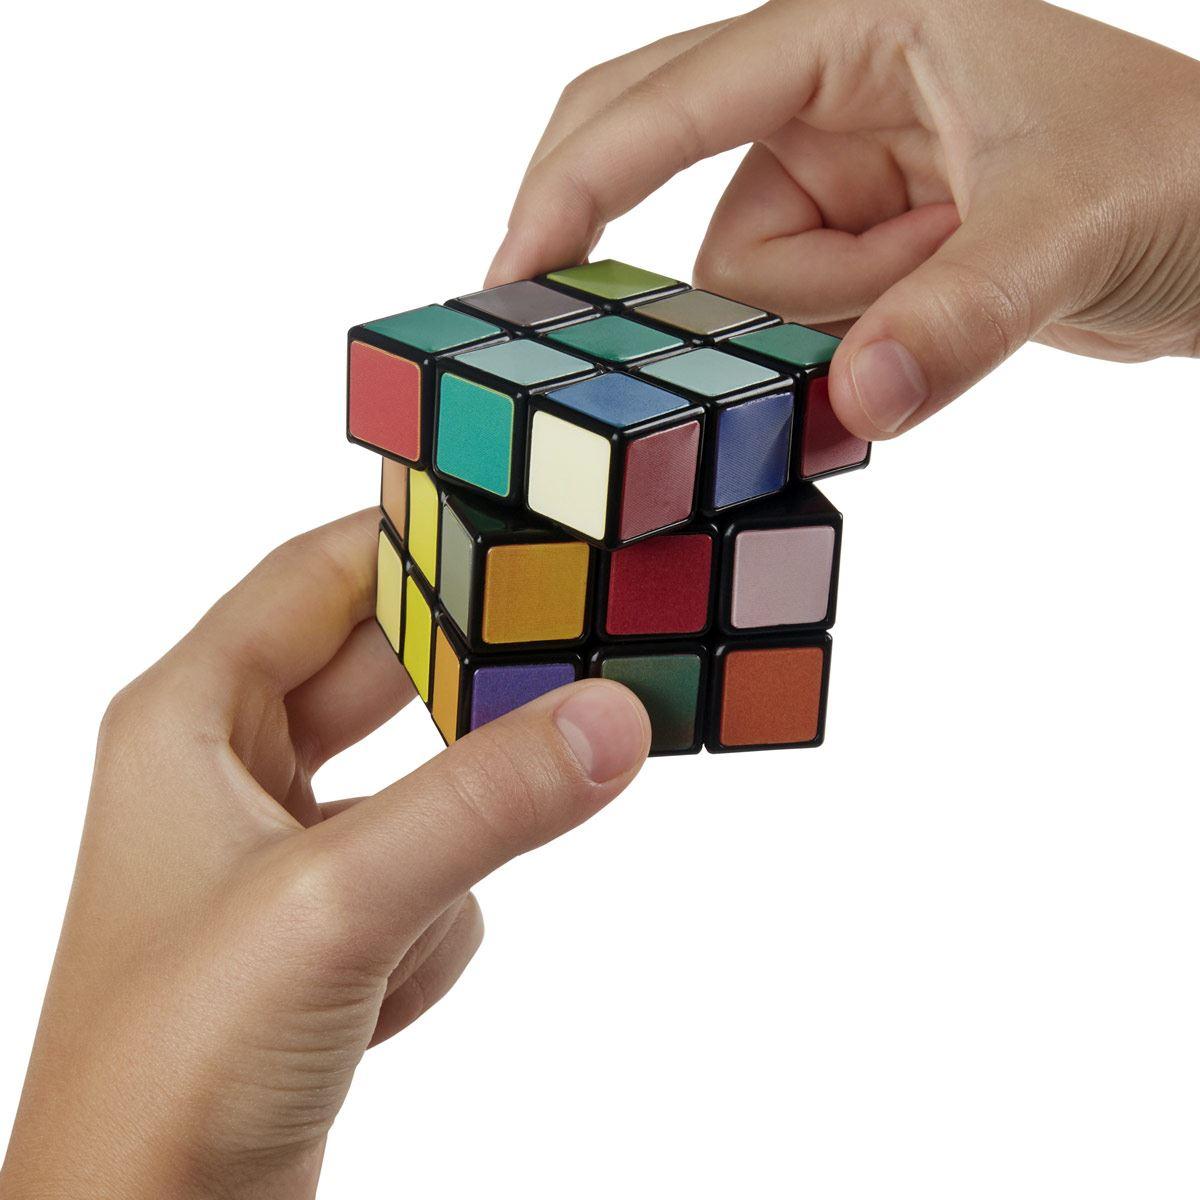 Rubik's Impossible Hasbro Gaming